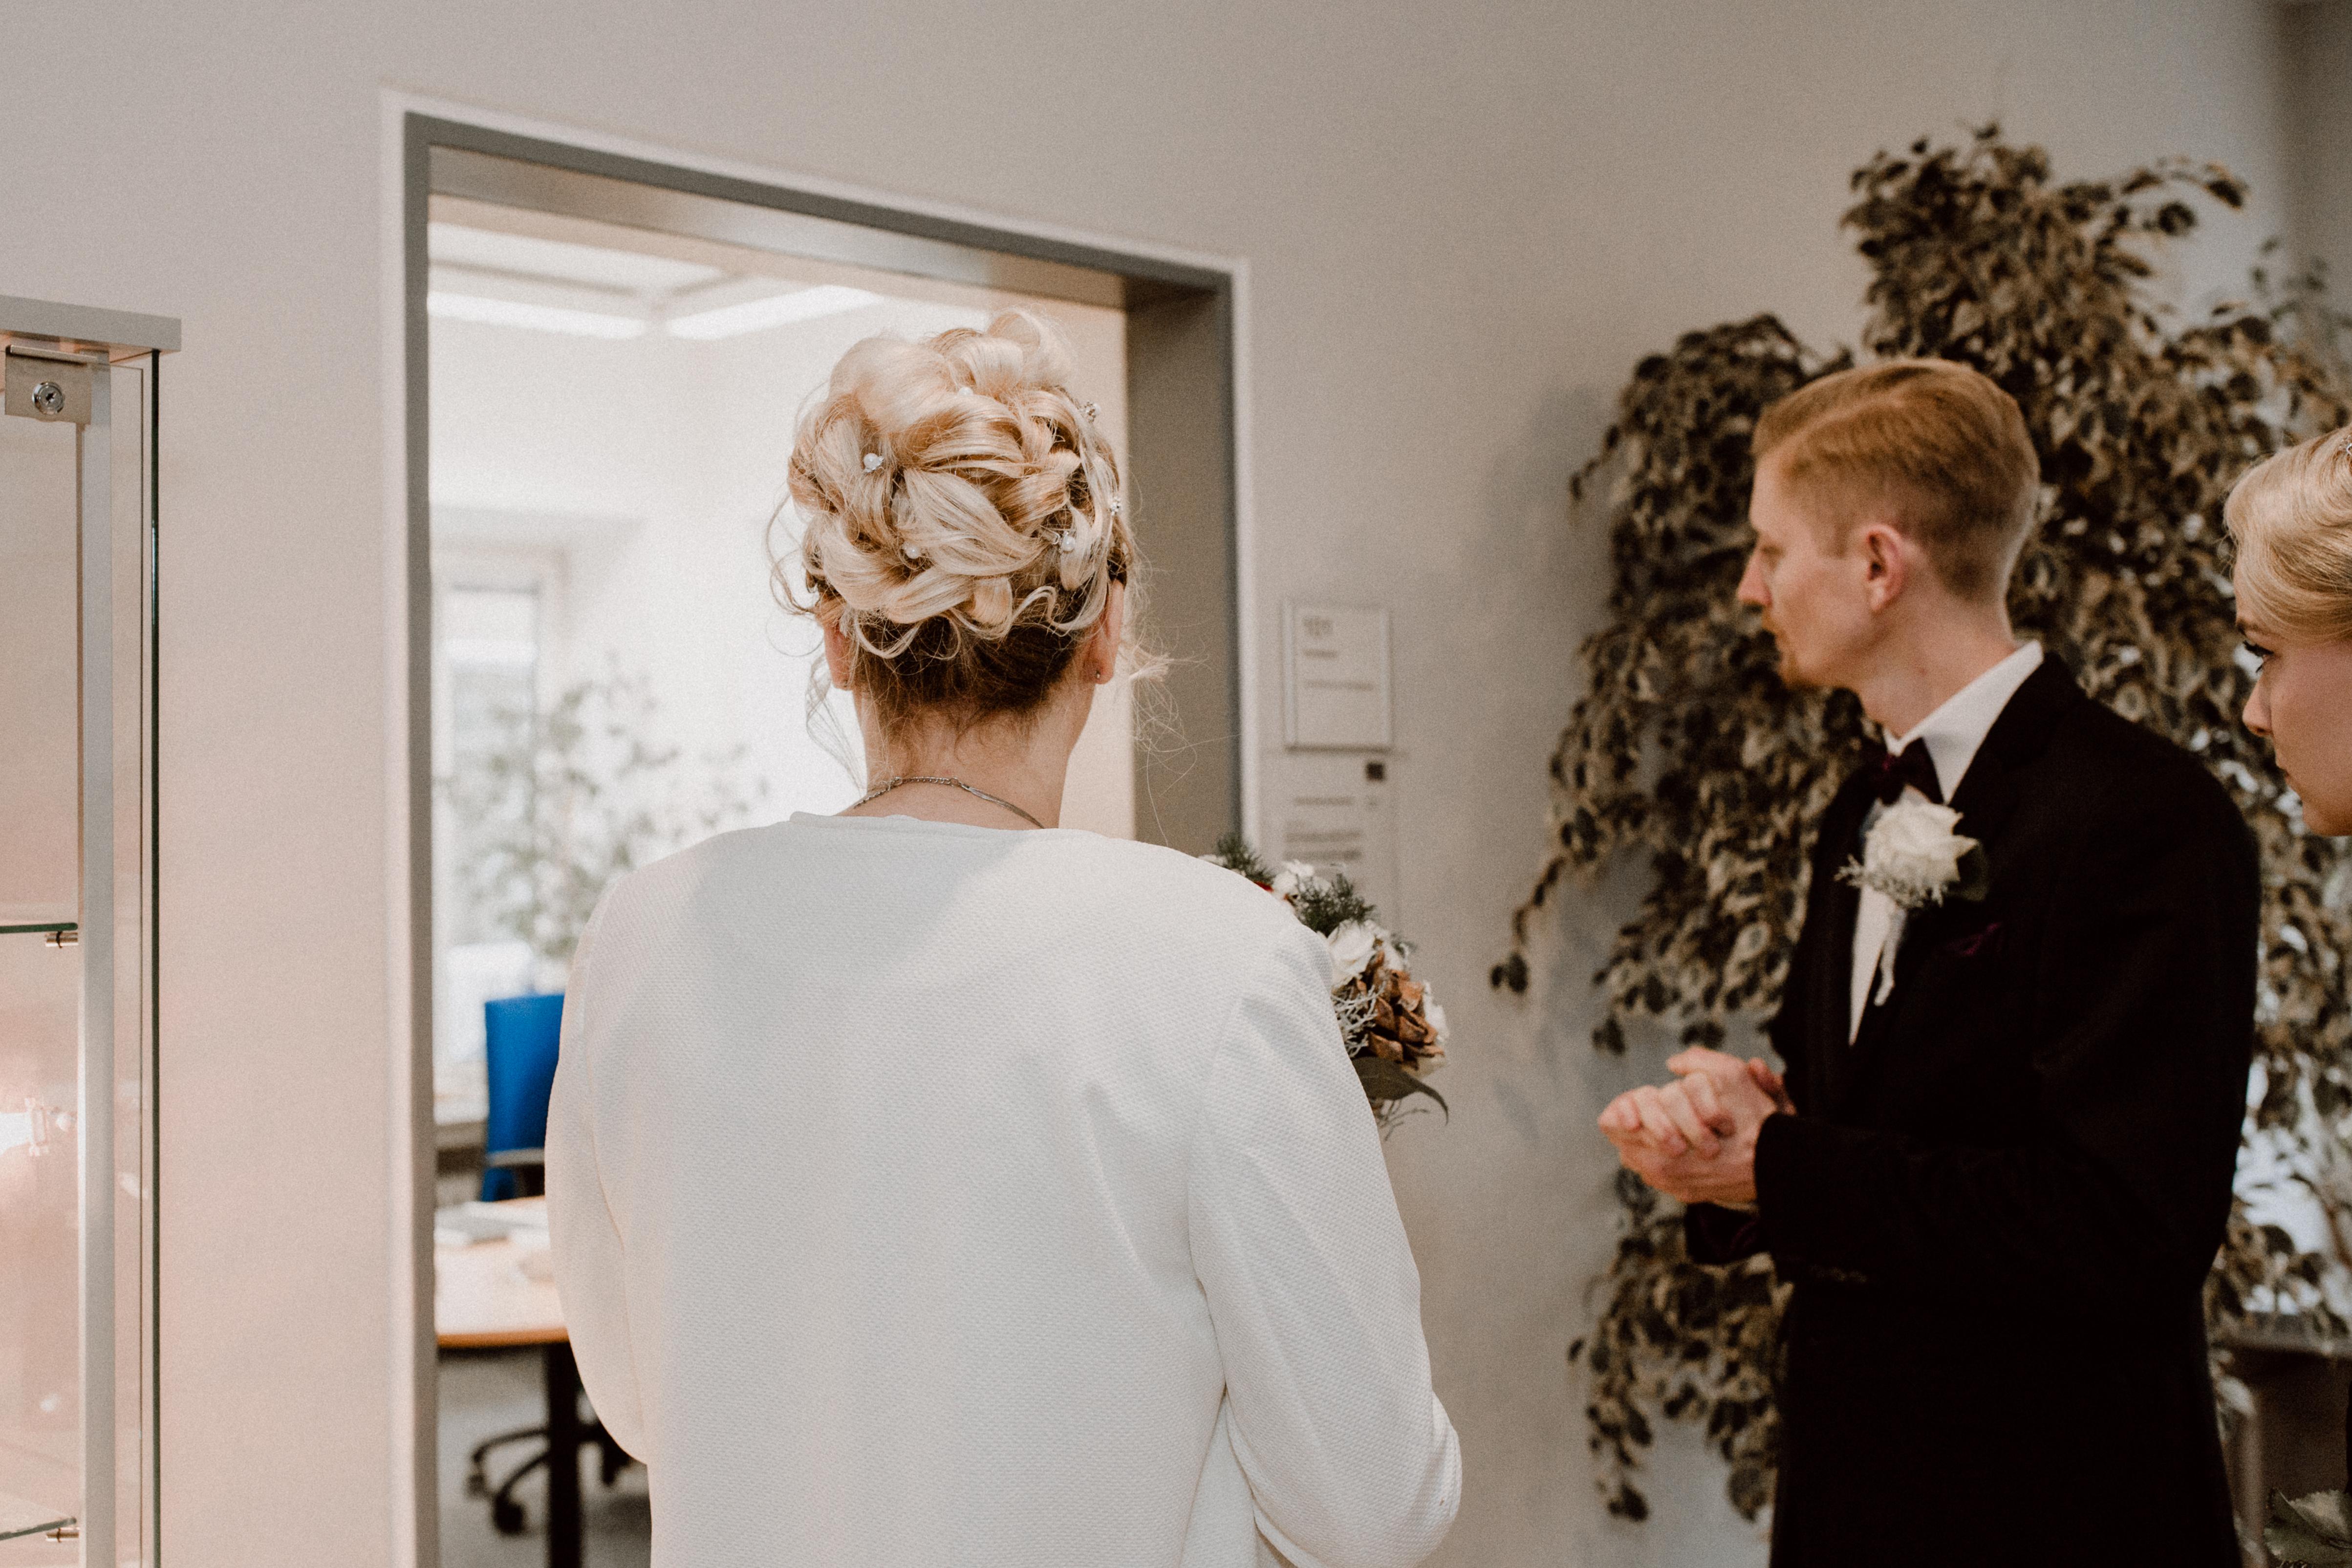 URBANERIE_Daniela_Goth_Hochzeitsfotografin_Nürnberg_Fürth_Erlangen_Schwabach_171110_0077